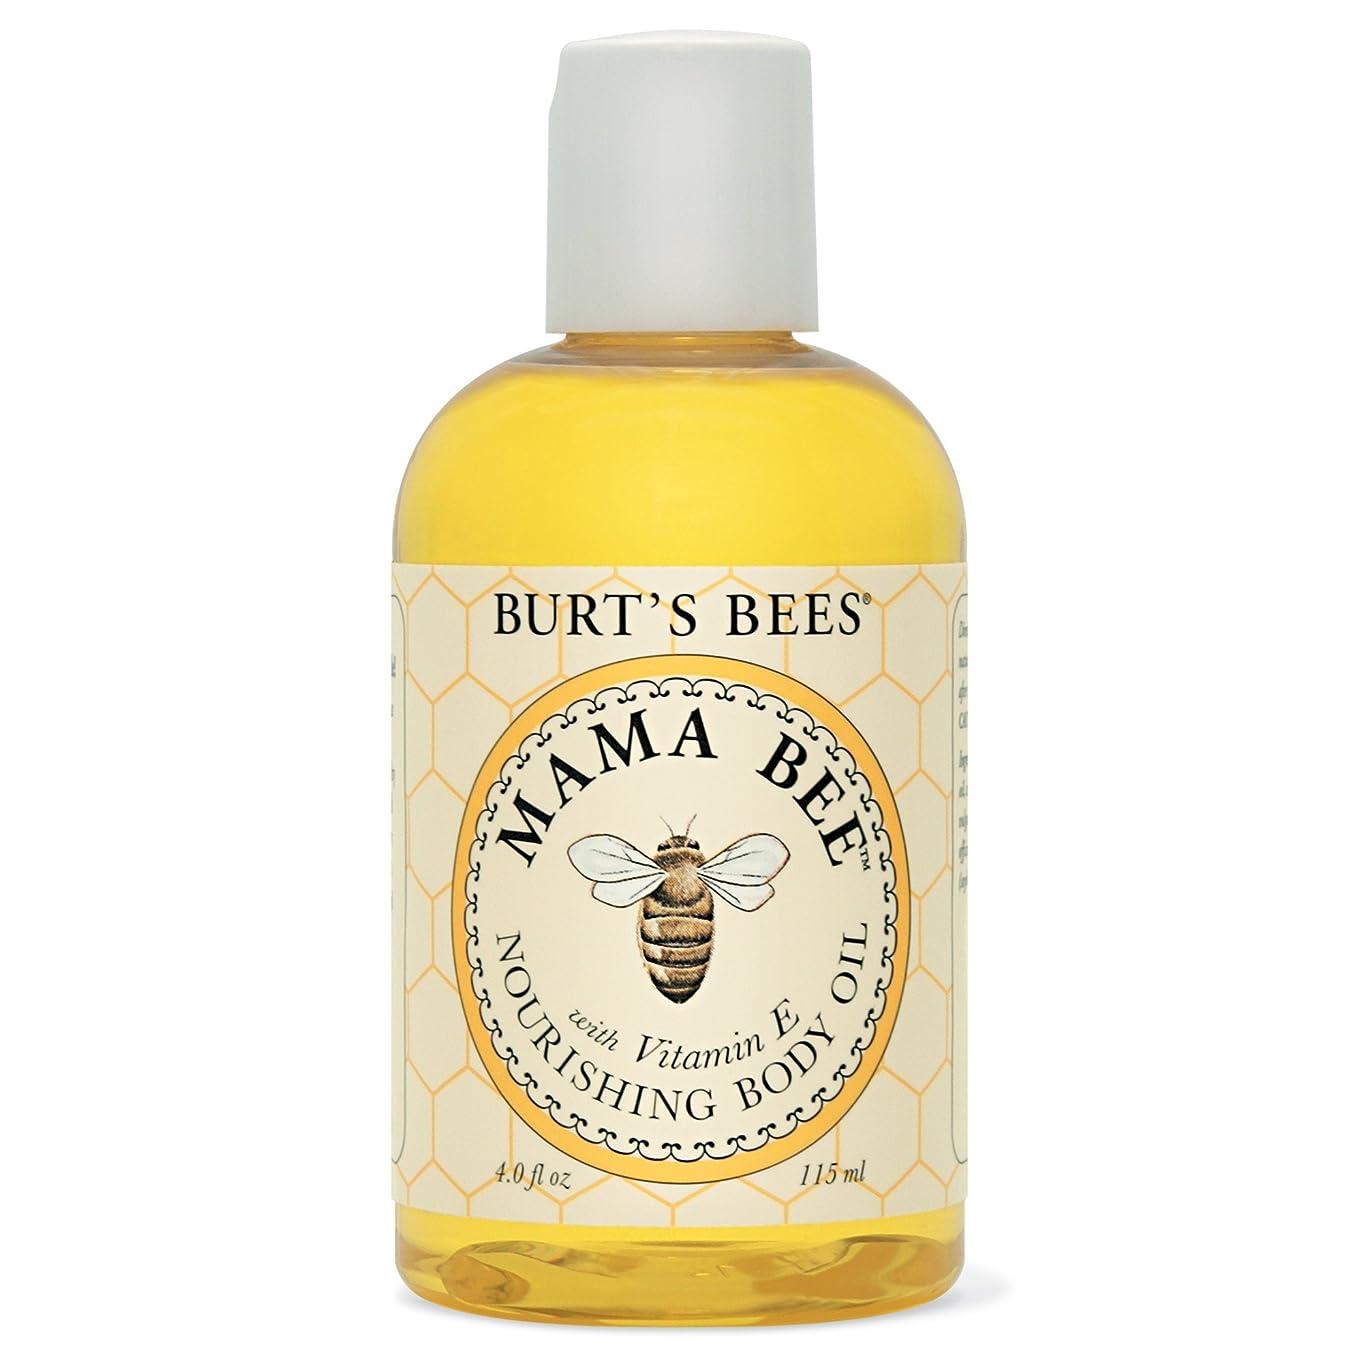 流出死無限大バーツビーママ蜂栄養ボディオイル115ミリリットル (Burt's Bees) (x2) - Burt's Bees Mama Bee Nourishing Body Oil 115ml (Pack of 2) [並行輸入品]